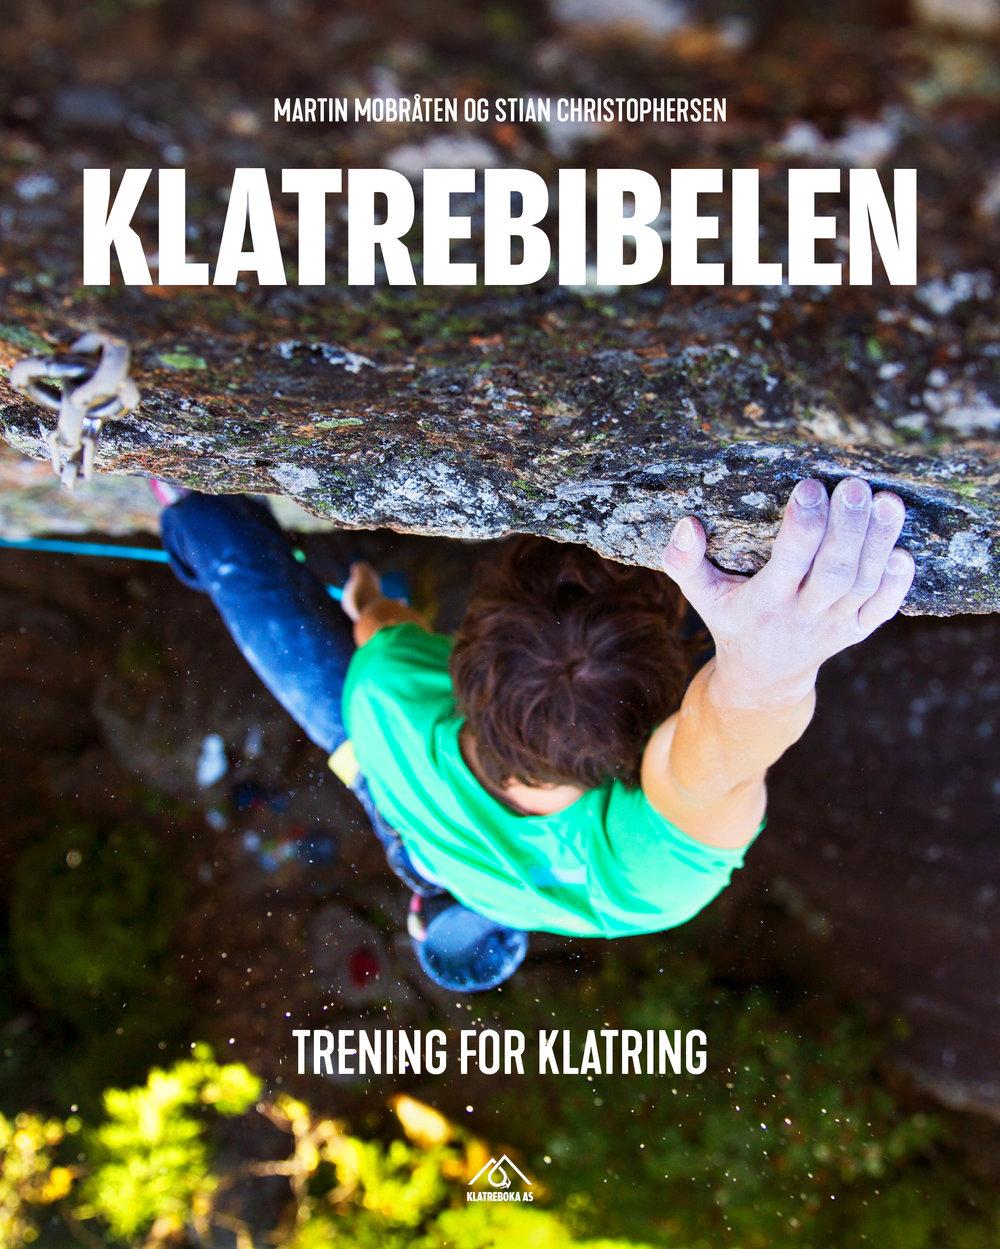 Klatrebibelen_cover.jpg